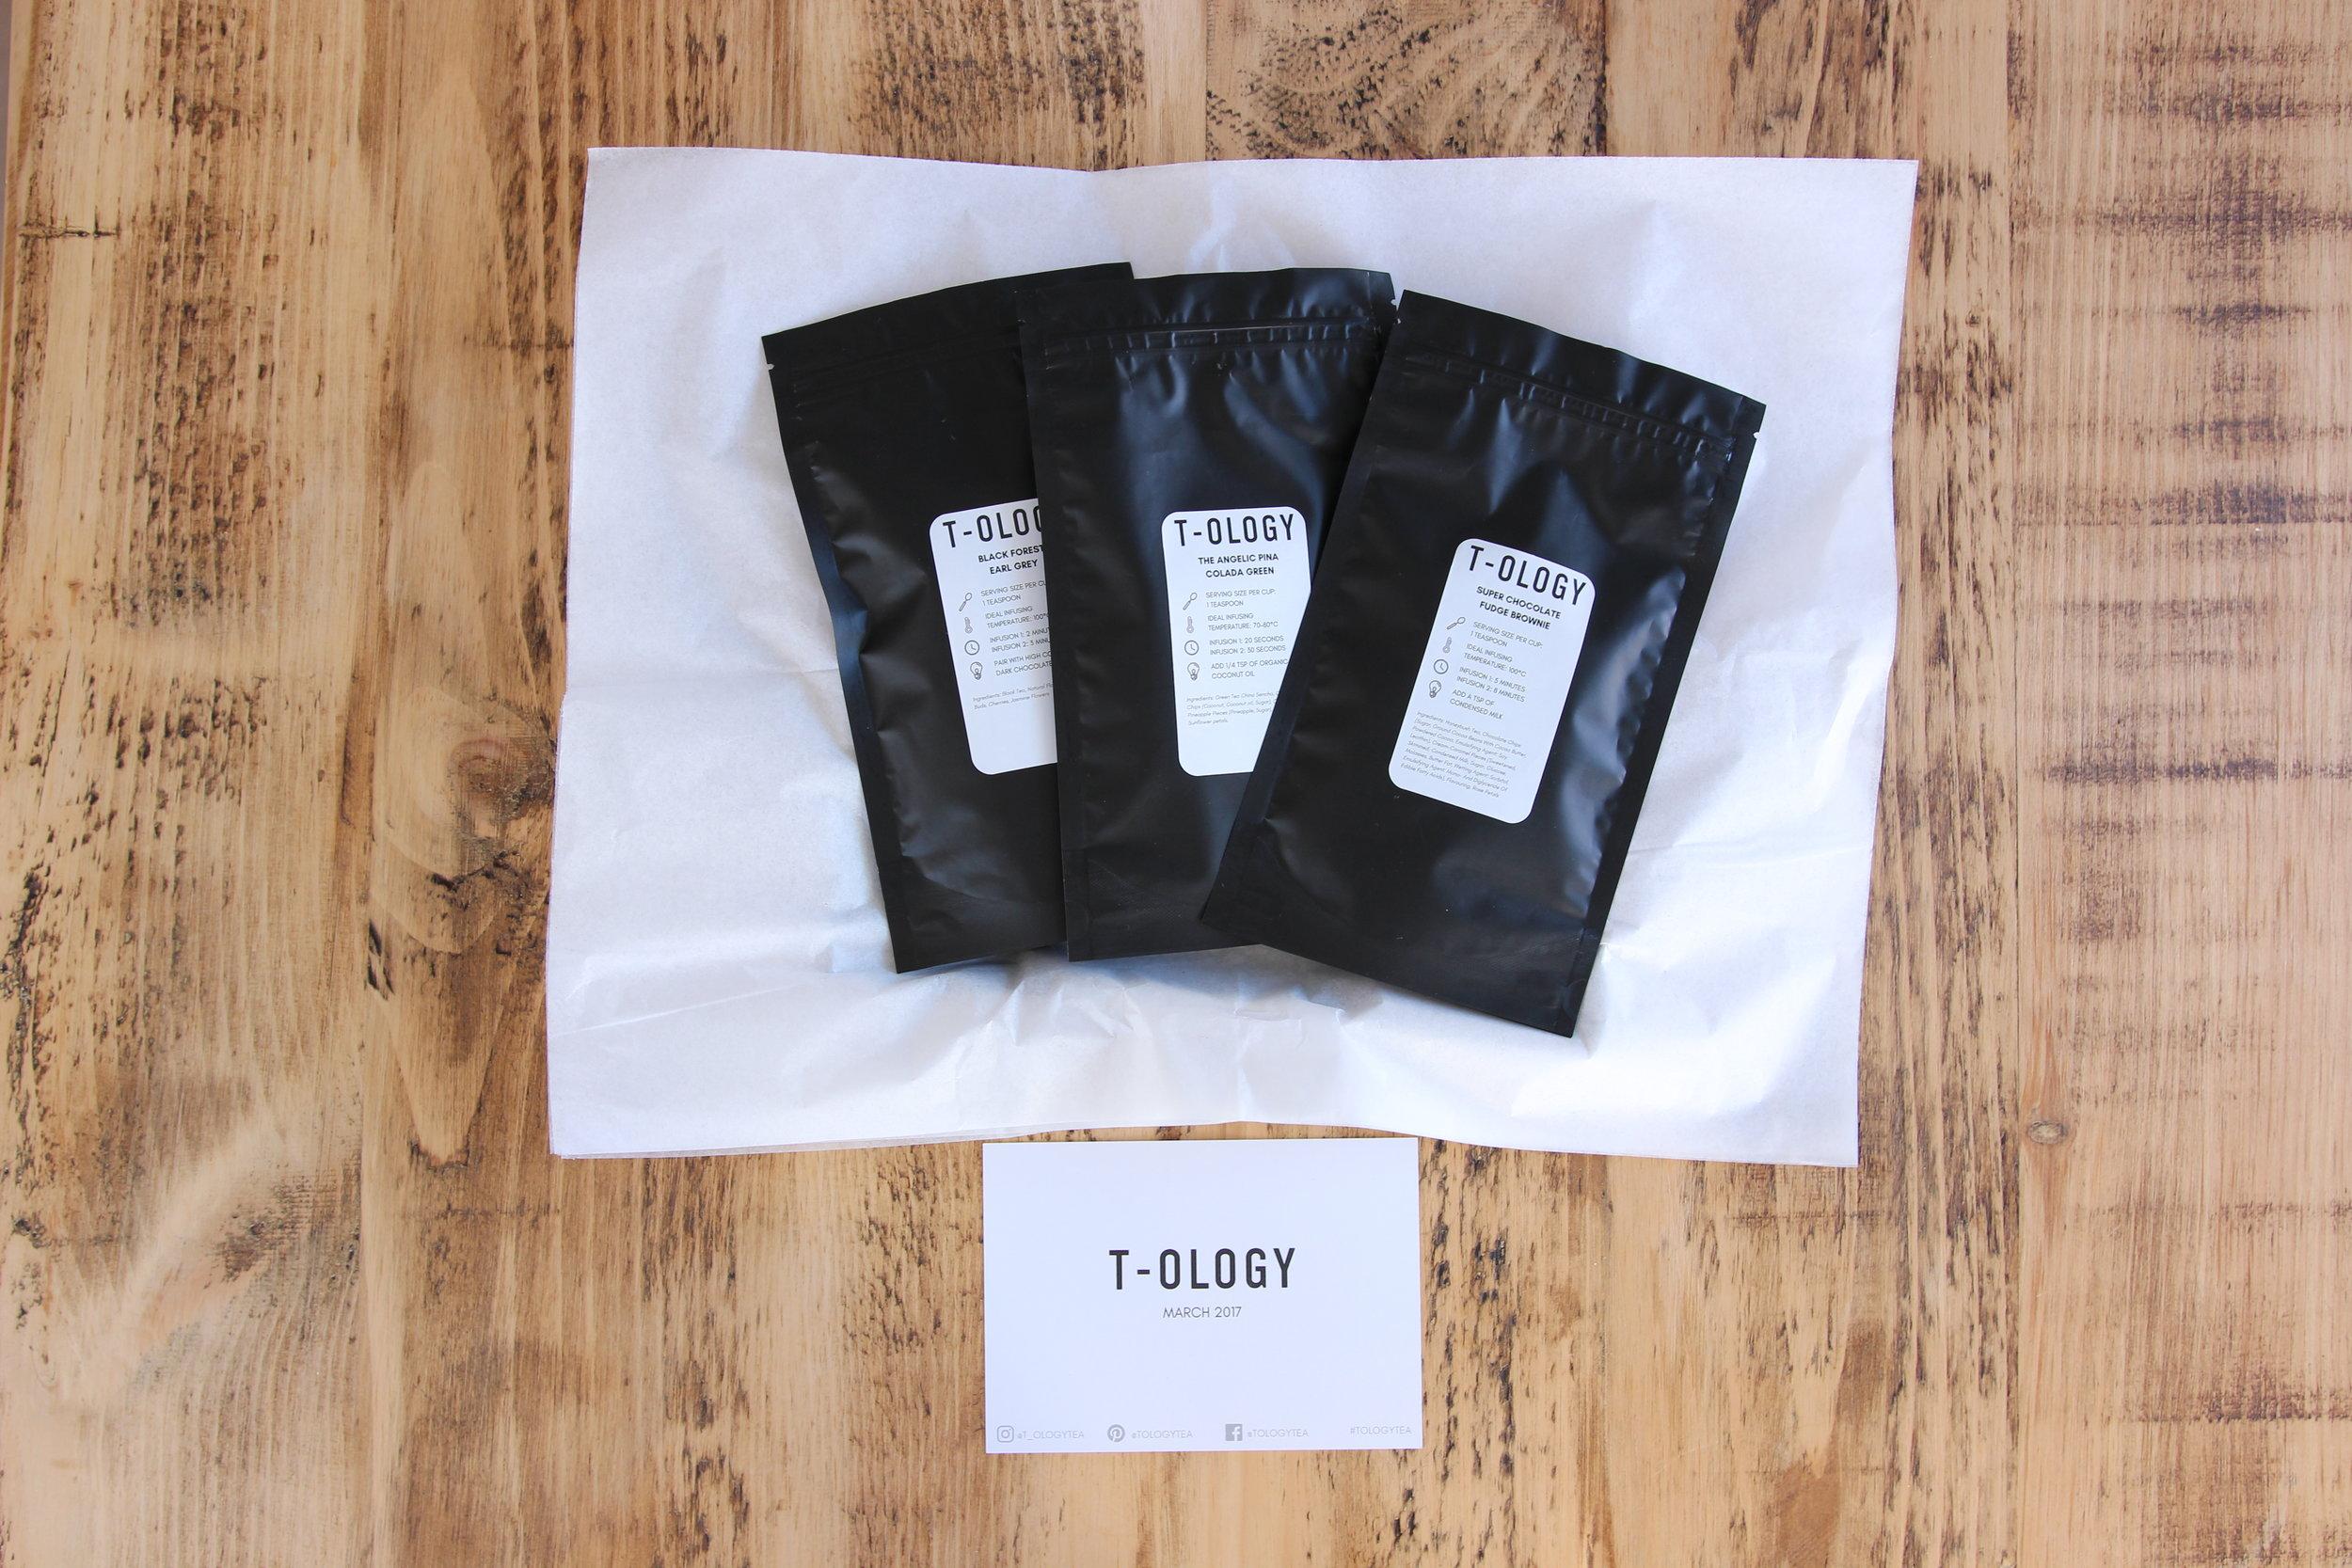 STEP 3 T-OLOGY Premium Tea Subscription Loose Leaf Tea Packets